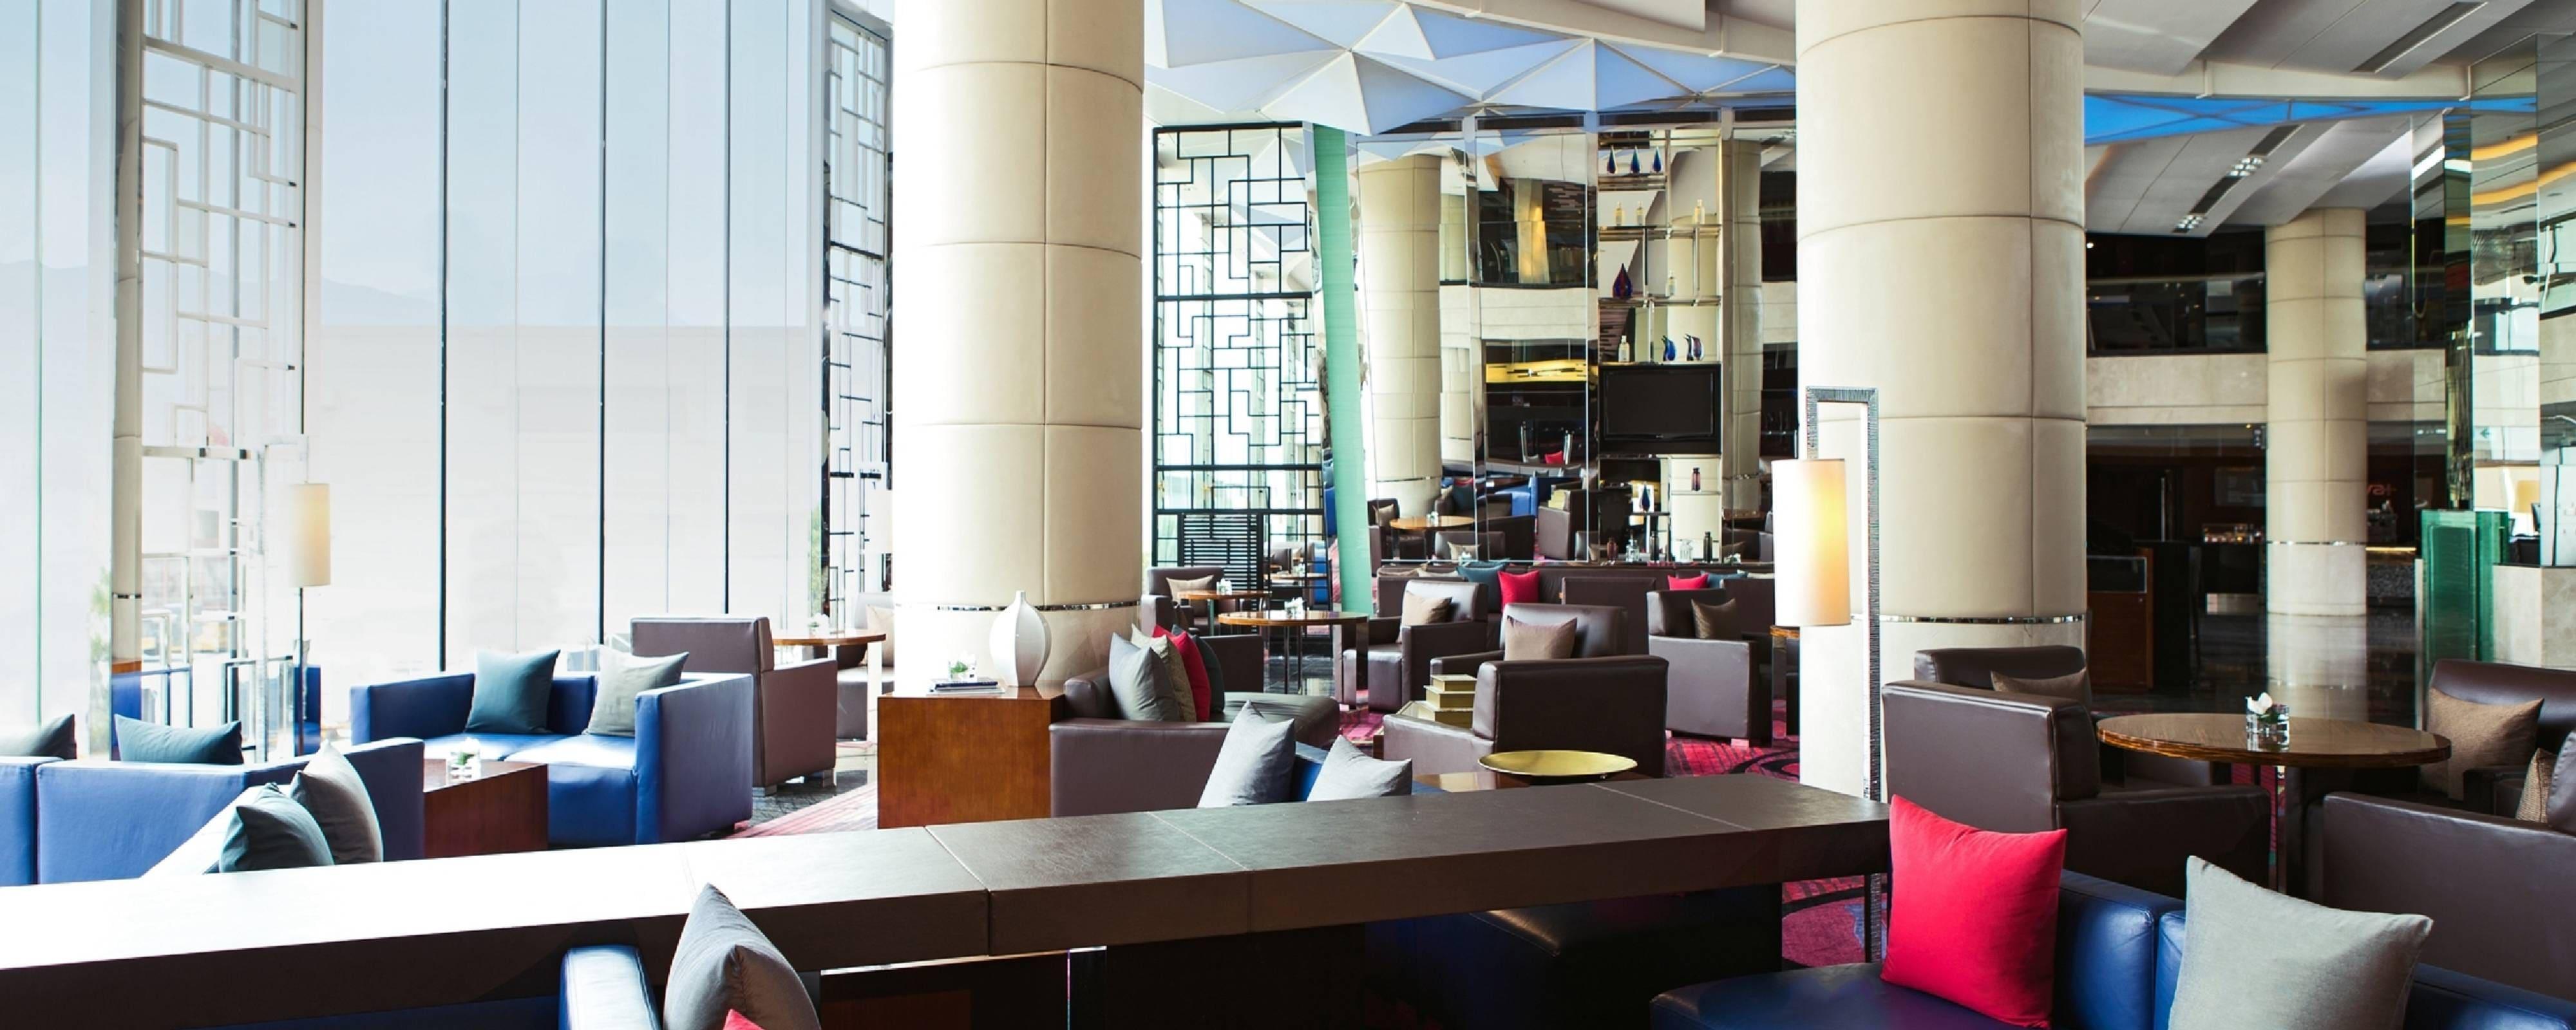 無料Wi-Fi完備のホテルのロビー